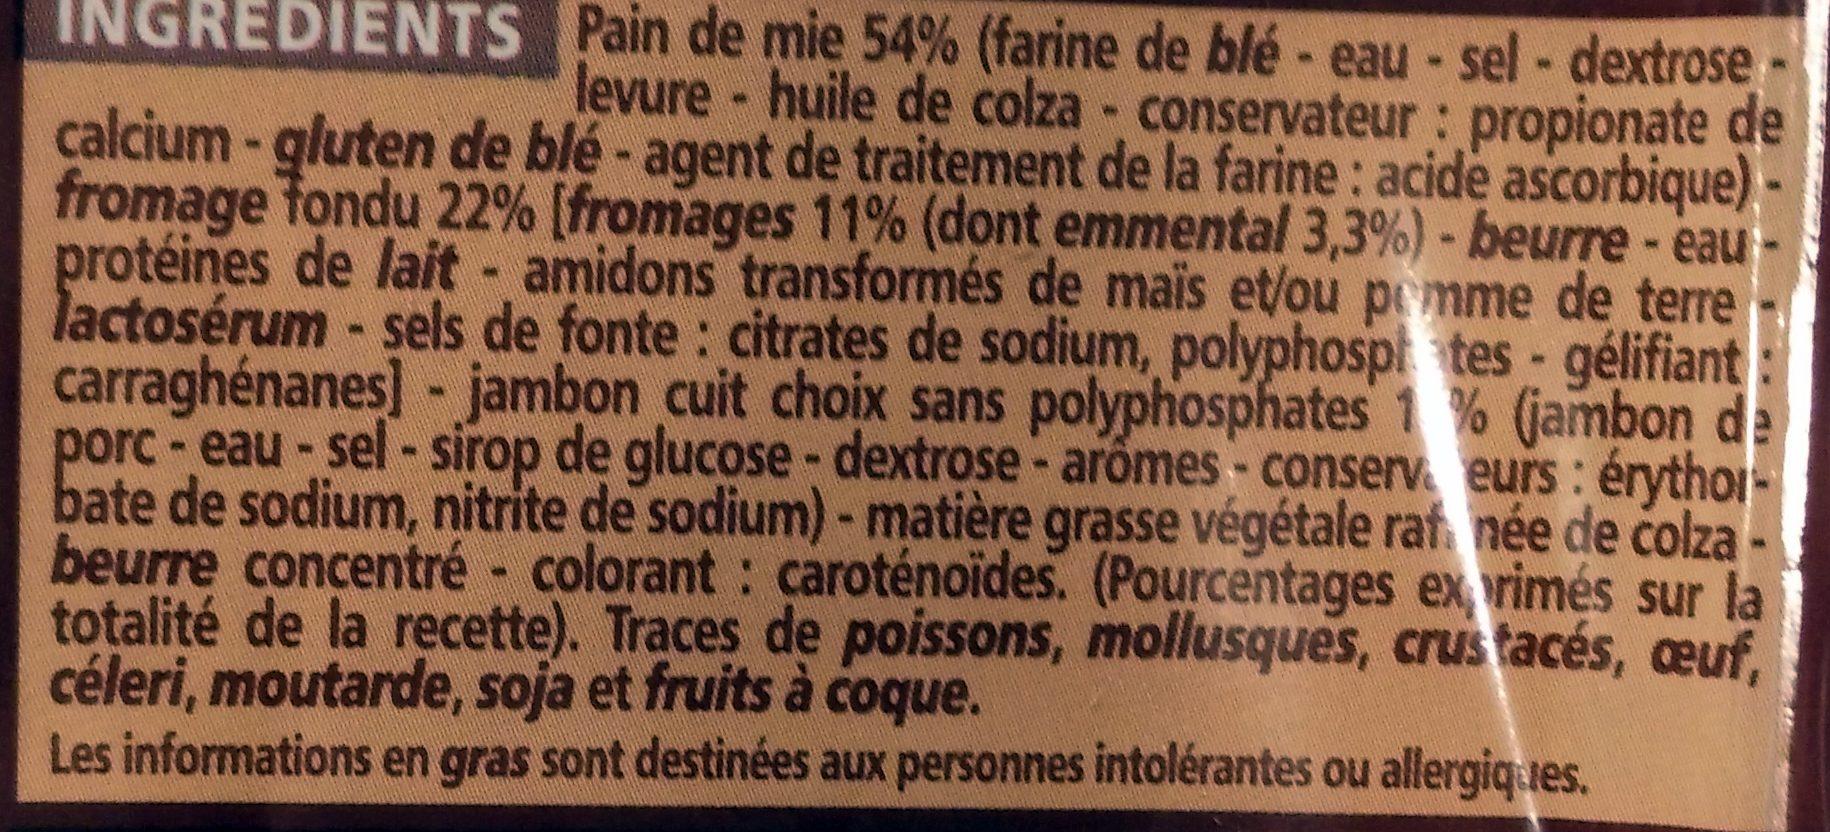 Croque-monsieur A poêler - Ingrédients - fr